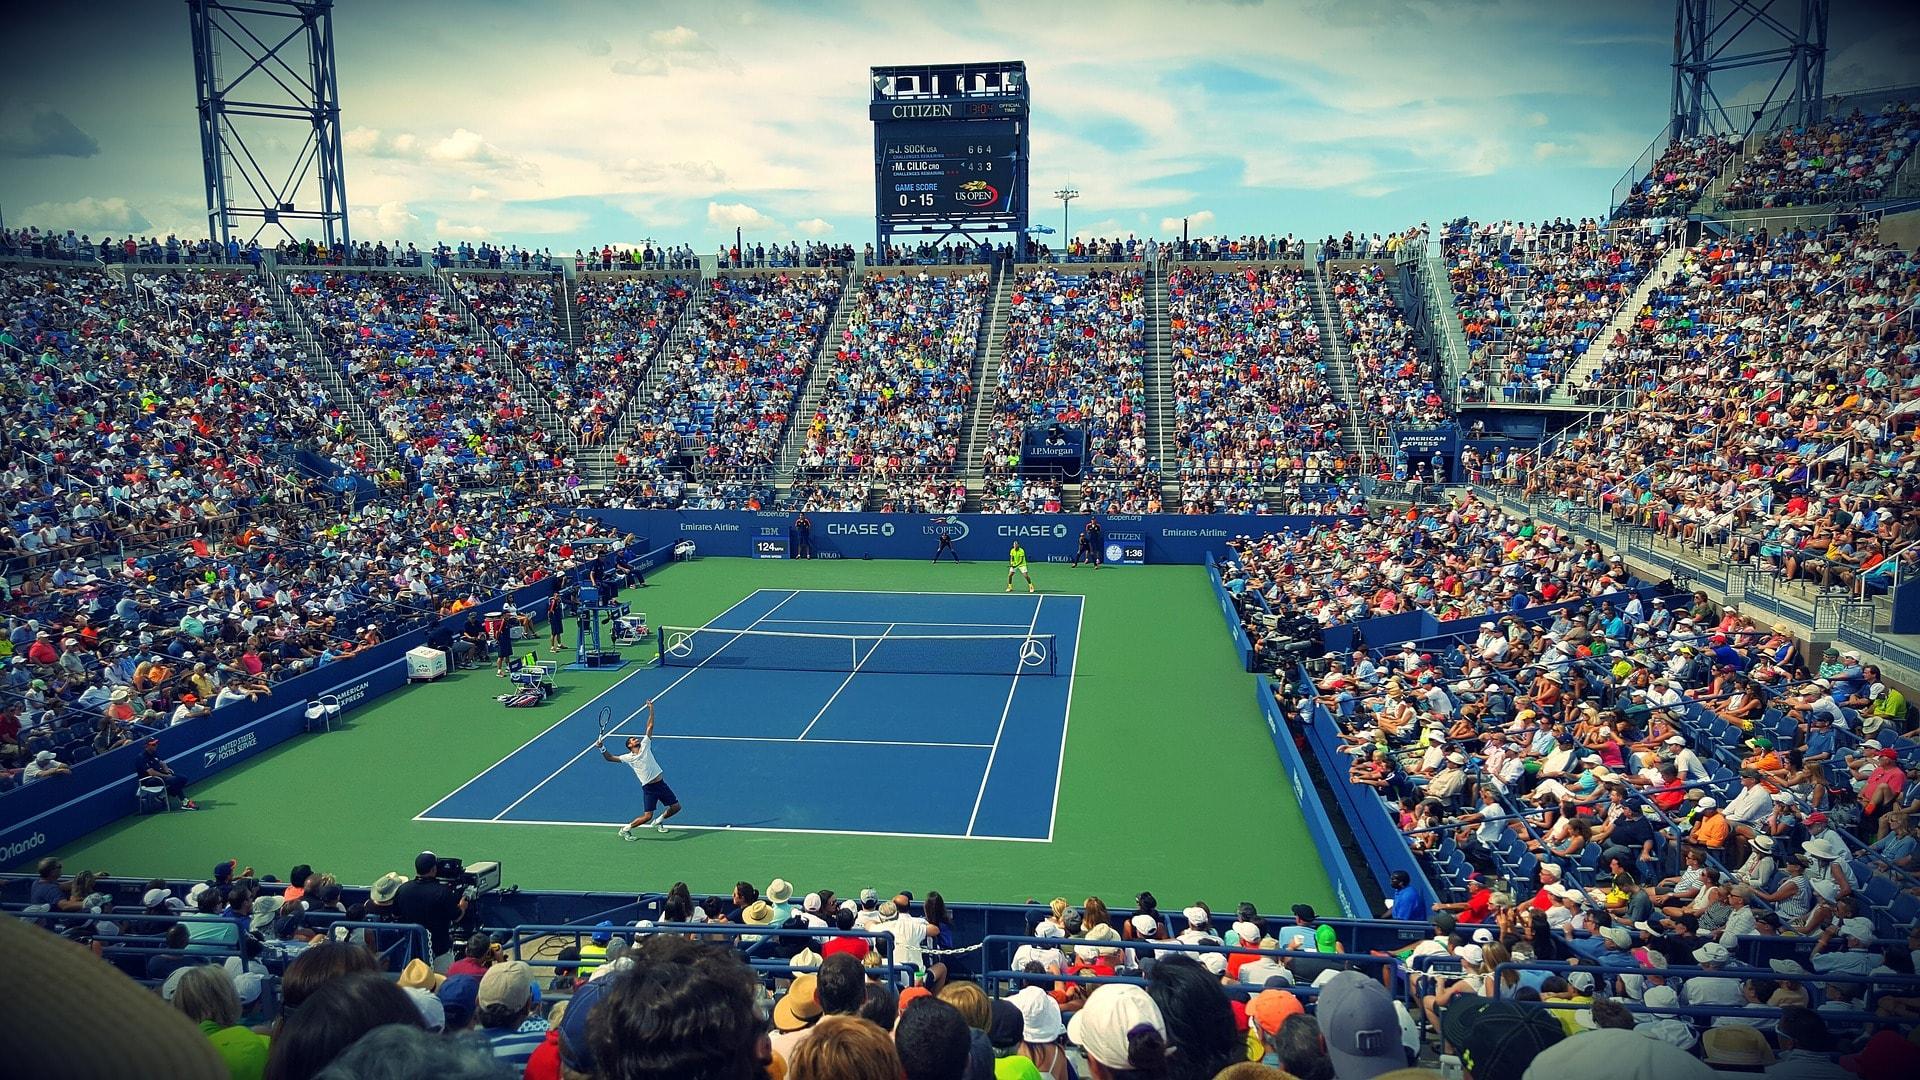 Tennis paris truqués